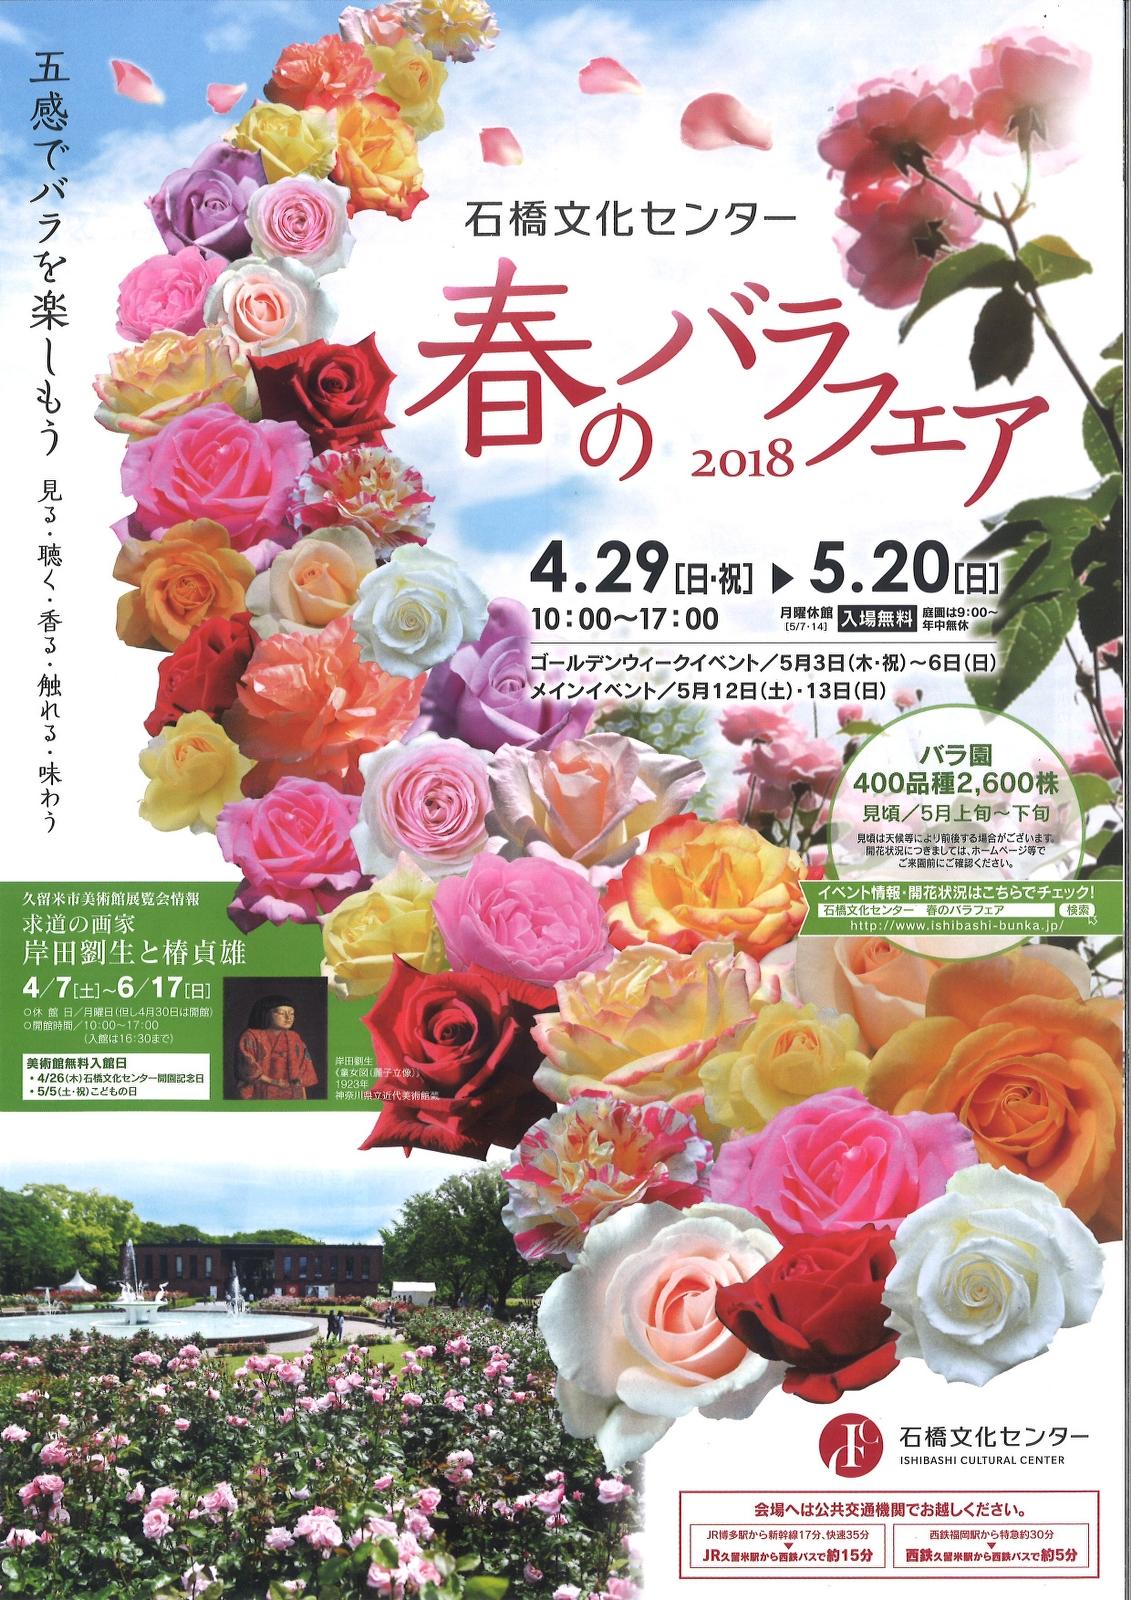 石橋文化センター 春のバラフェア2018